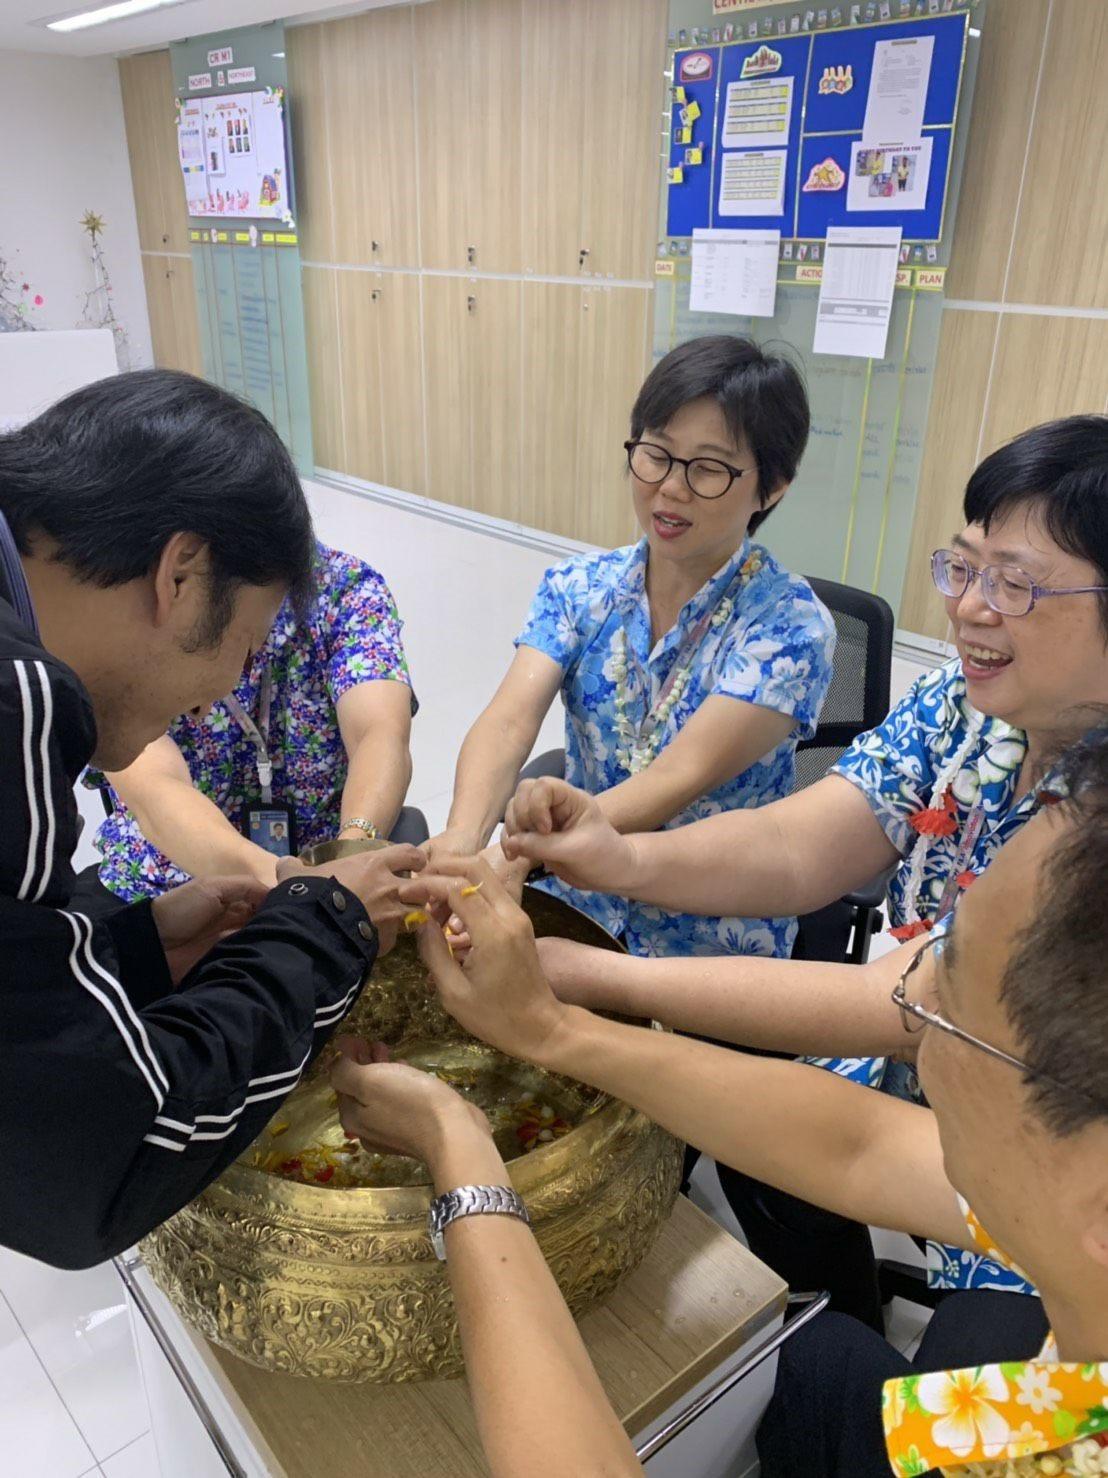 Pagpapakilala sa mga nakakatanda sa Thailand ng seremonyang paghingi ng pagbabasbas at paghugas ng kanilang kamay sa tubig na may bulaklak